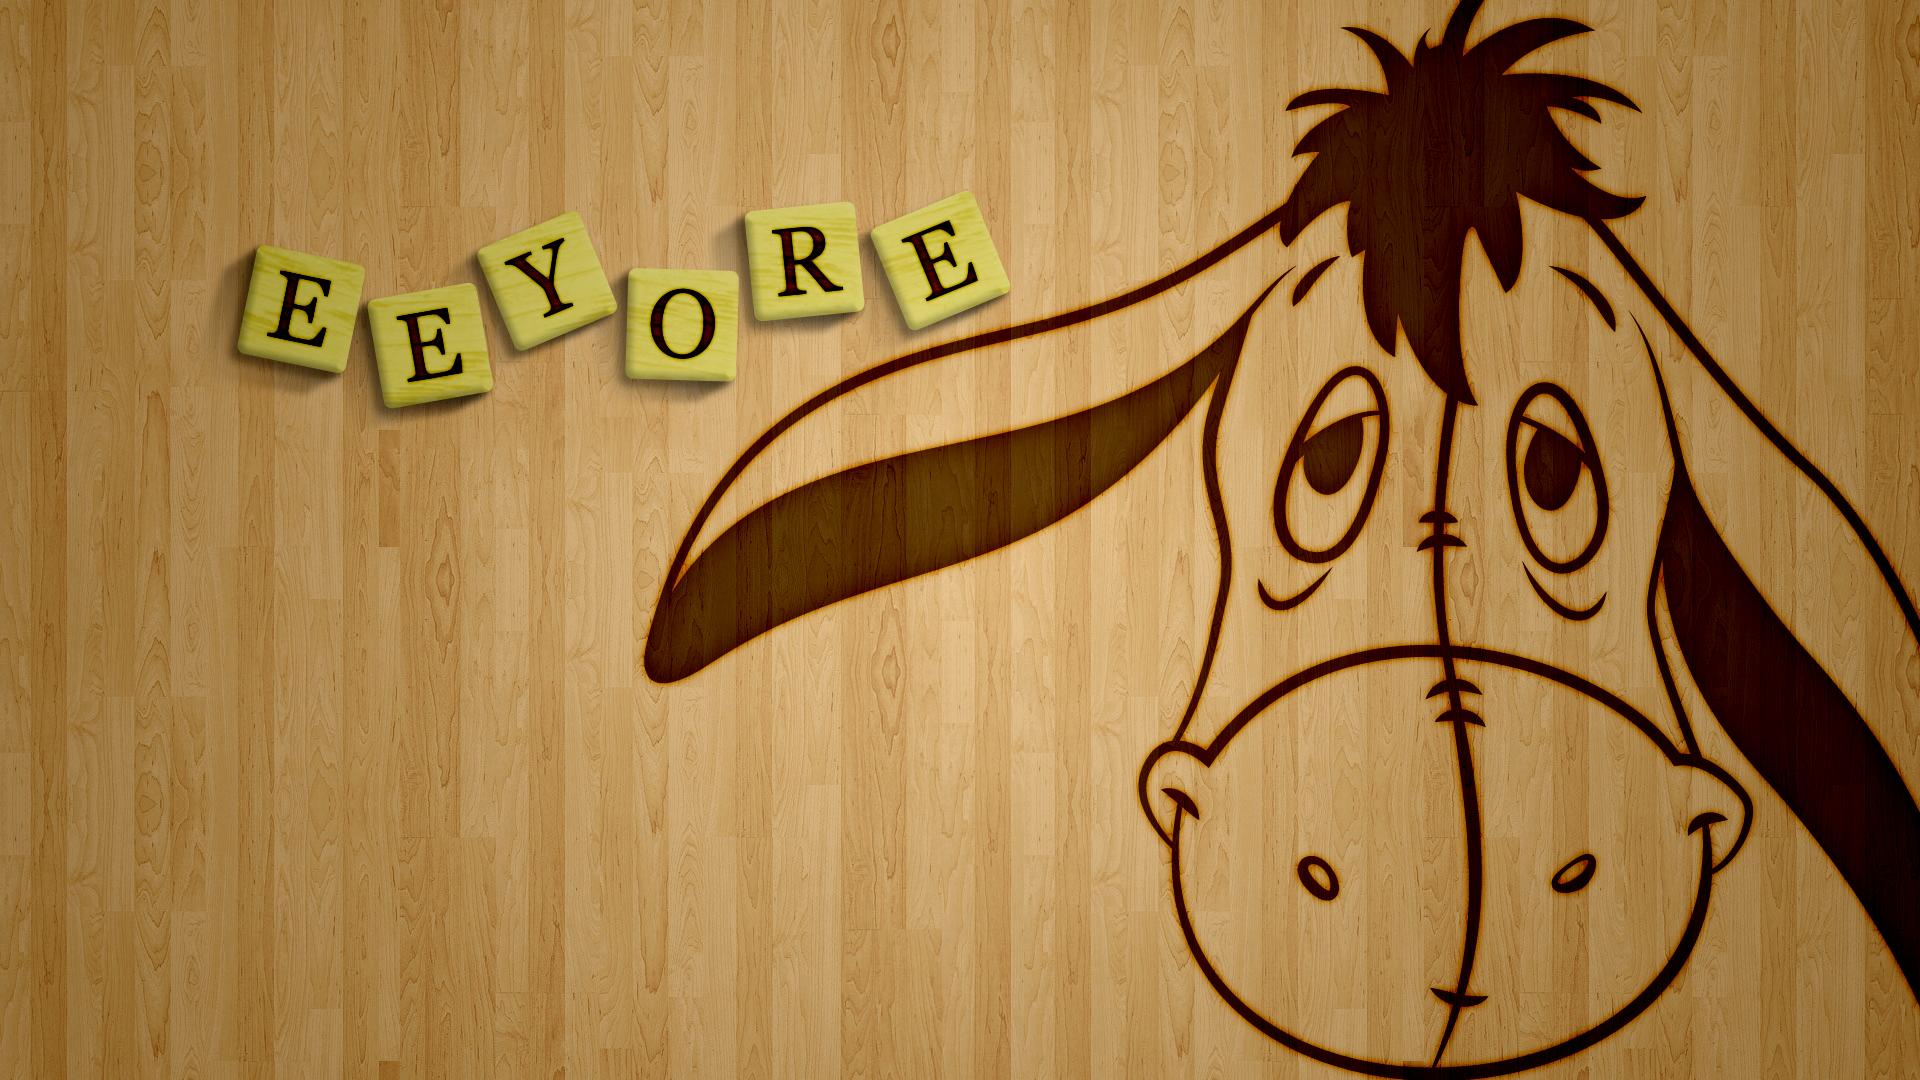 Eeyore Eeyore Wallpaper Gallery Wallpaper